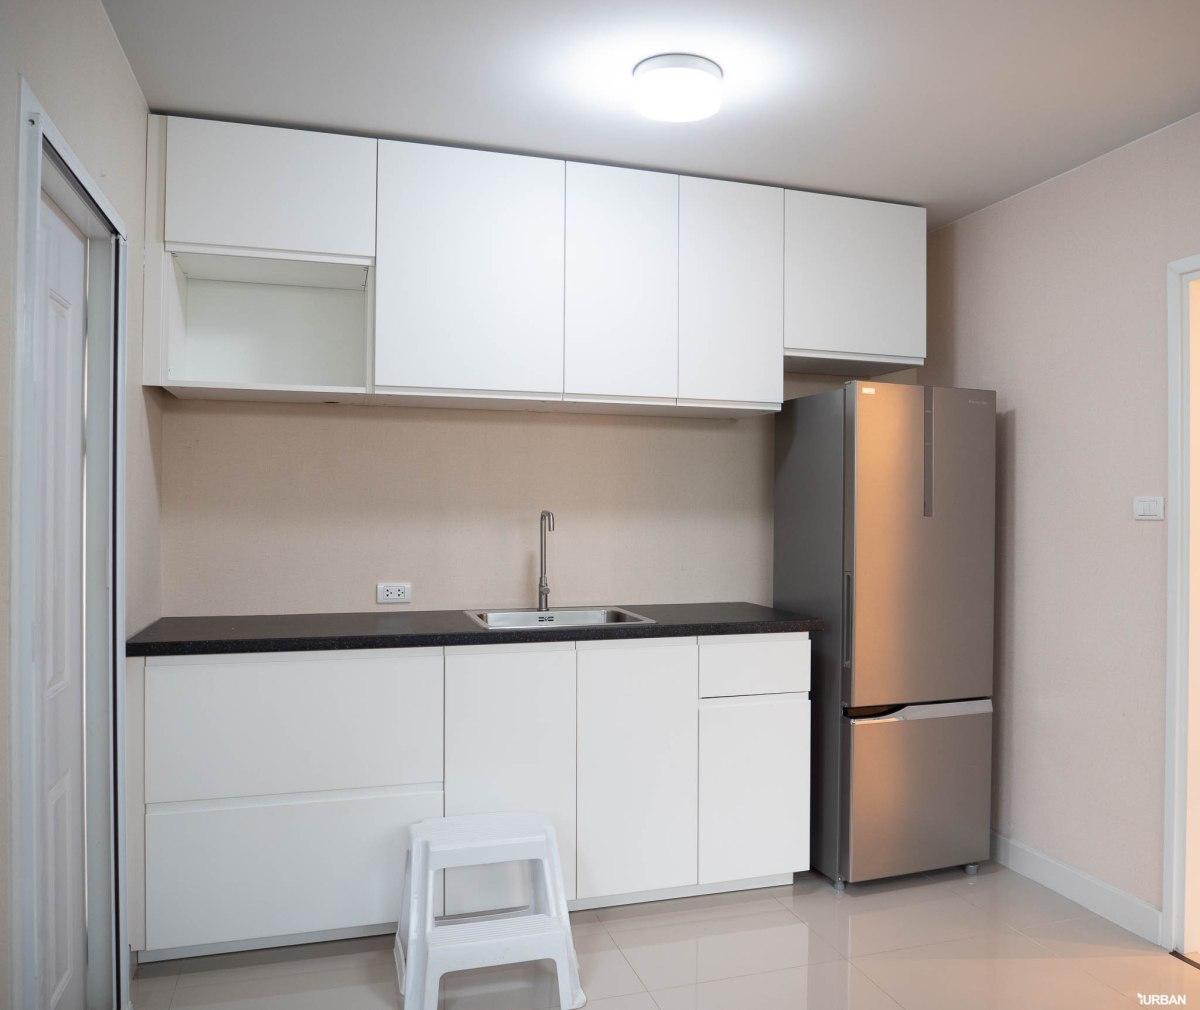 รีโนเวทครัว ให้สวยหรูสไตล์ Modern Luxury แบบจบงานไว ไม่กระทบโครงสร้างเดิม 25 - jorakay